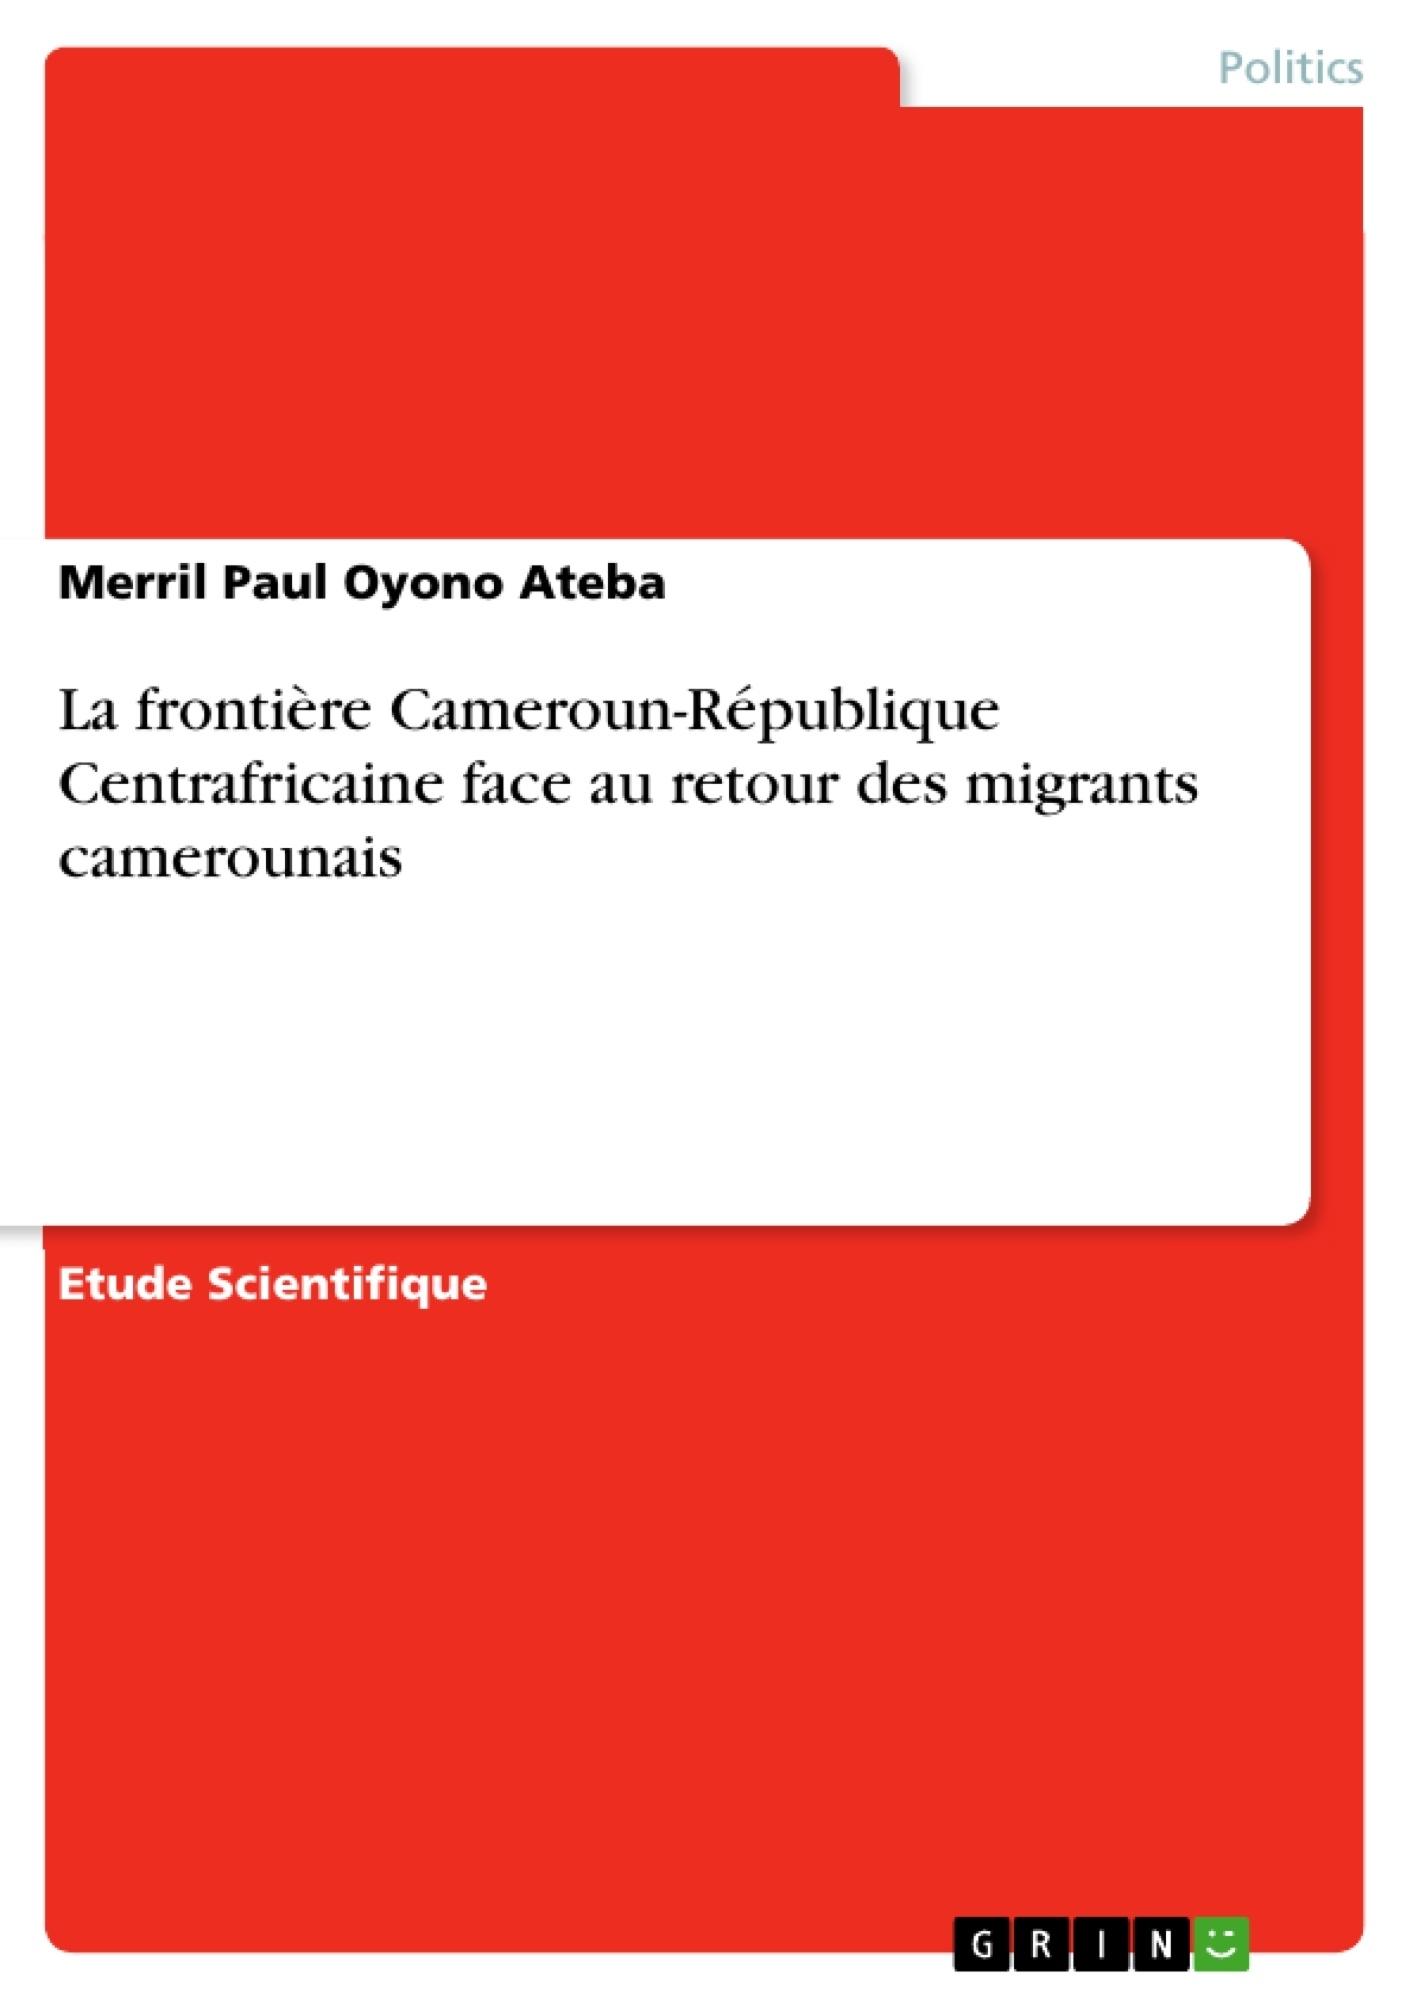 Titre: La frontière Cameroun-République Centrafricaine face au retour des migrants camerounais